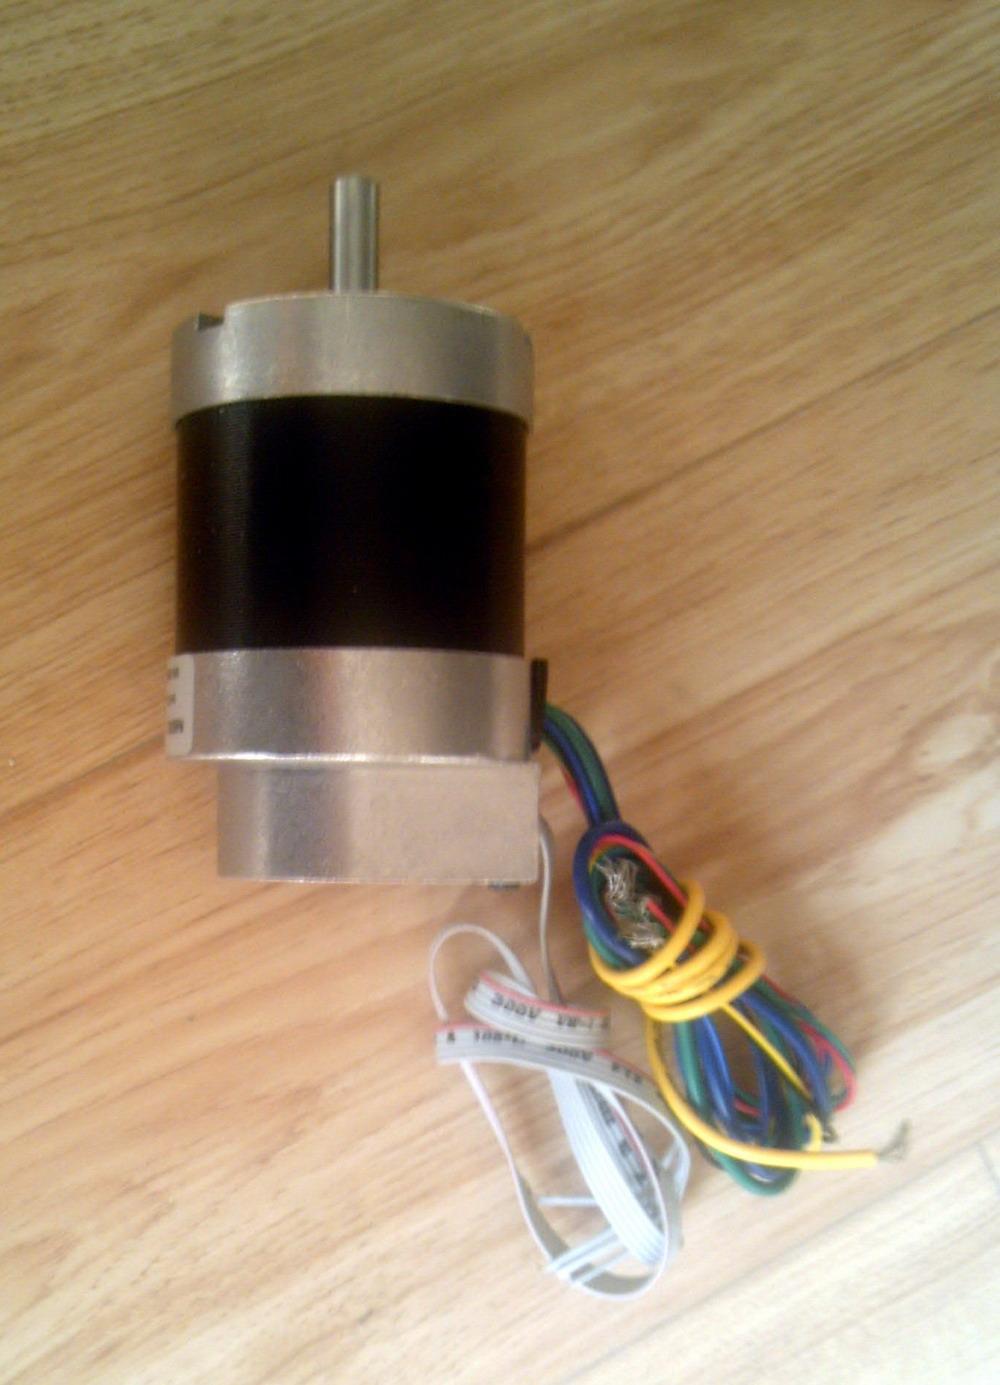 24VDC 0.11NM 35W Brushless DC Motor